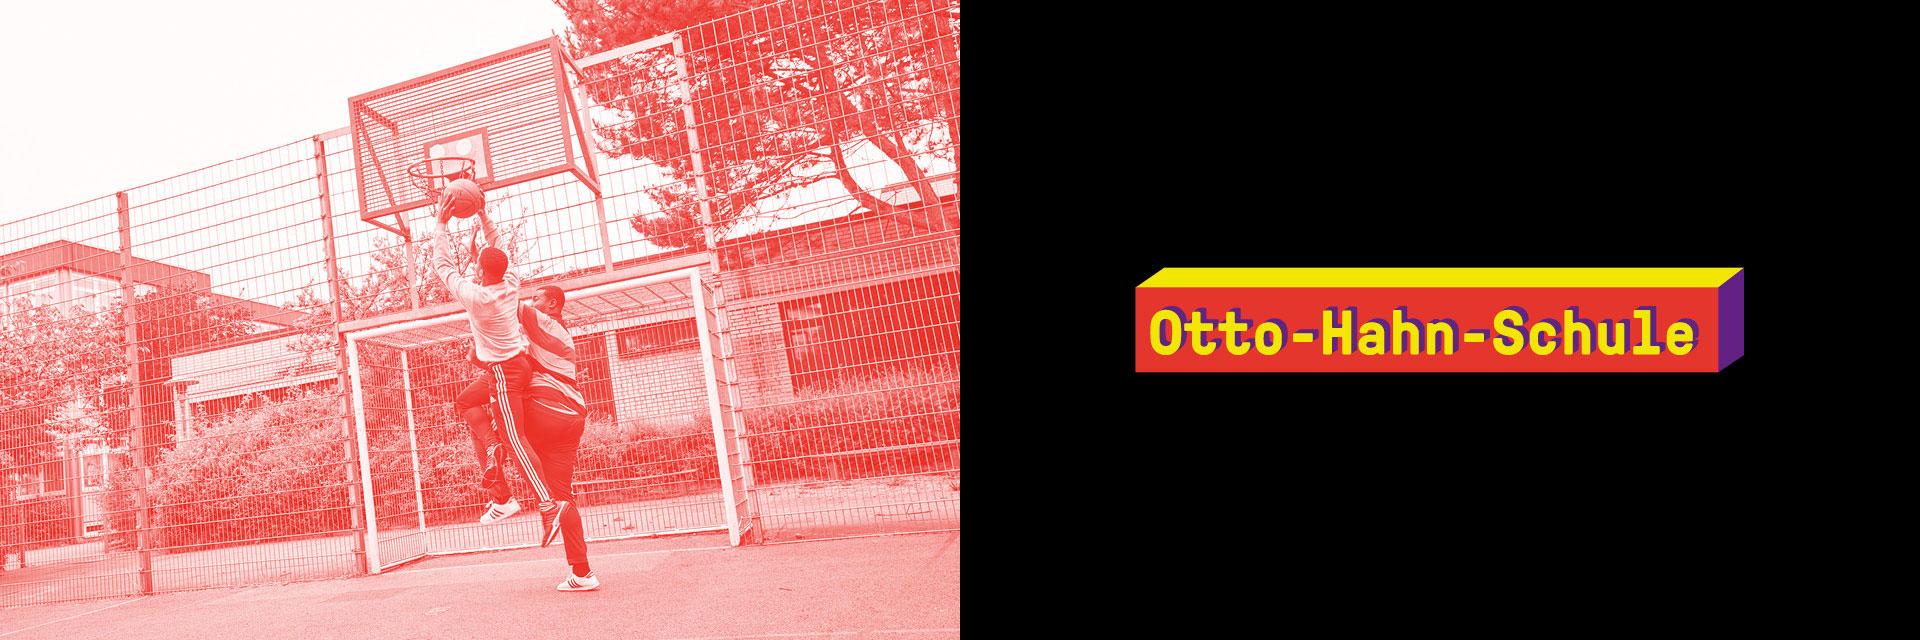 Otto-Hahn-Schule Brand Design Sticker